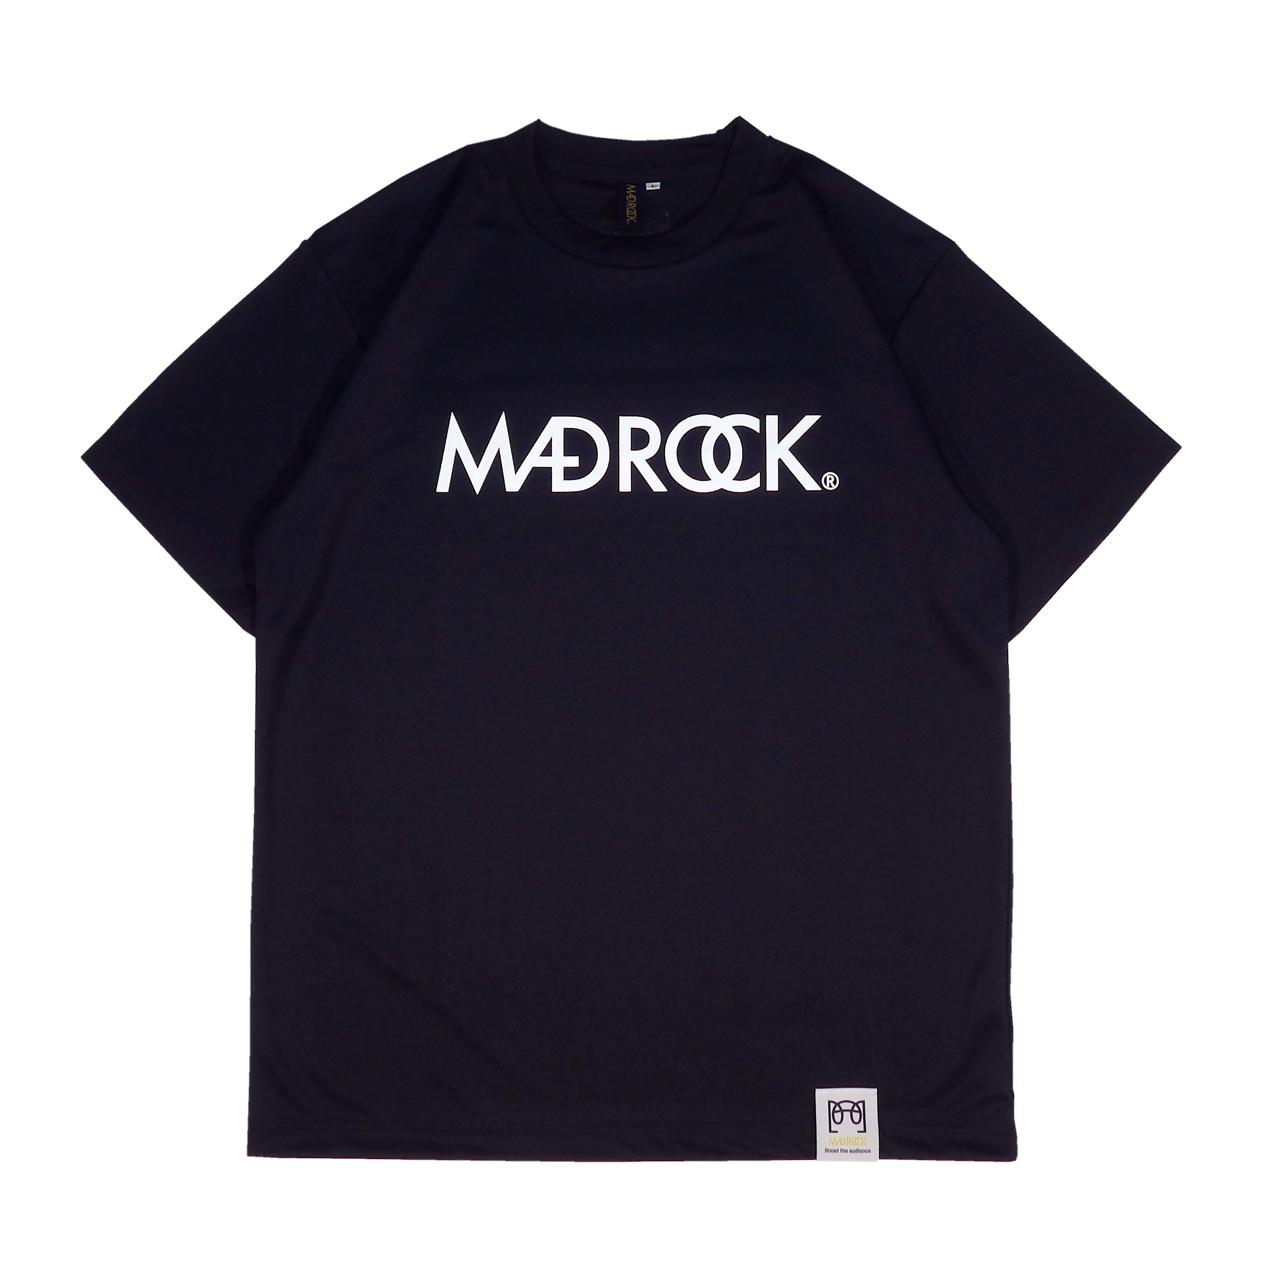 マッドロックロゴ Tシャツ/ドライタイプ/ネイビー&ホワイト